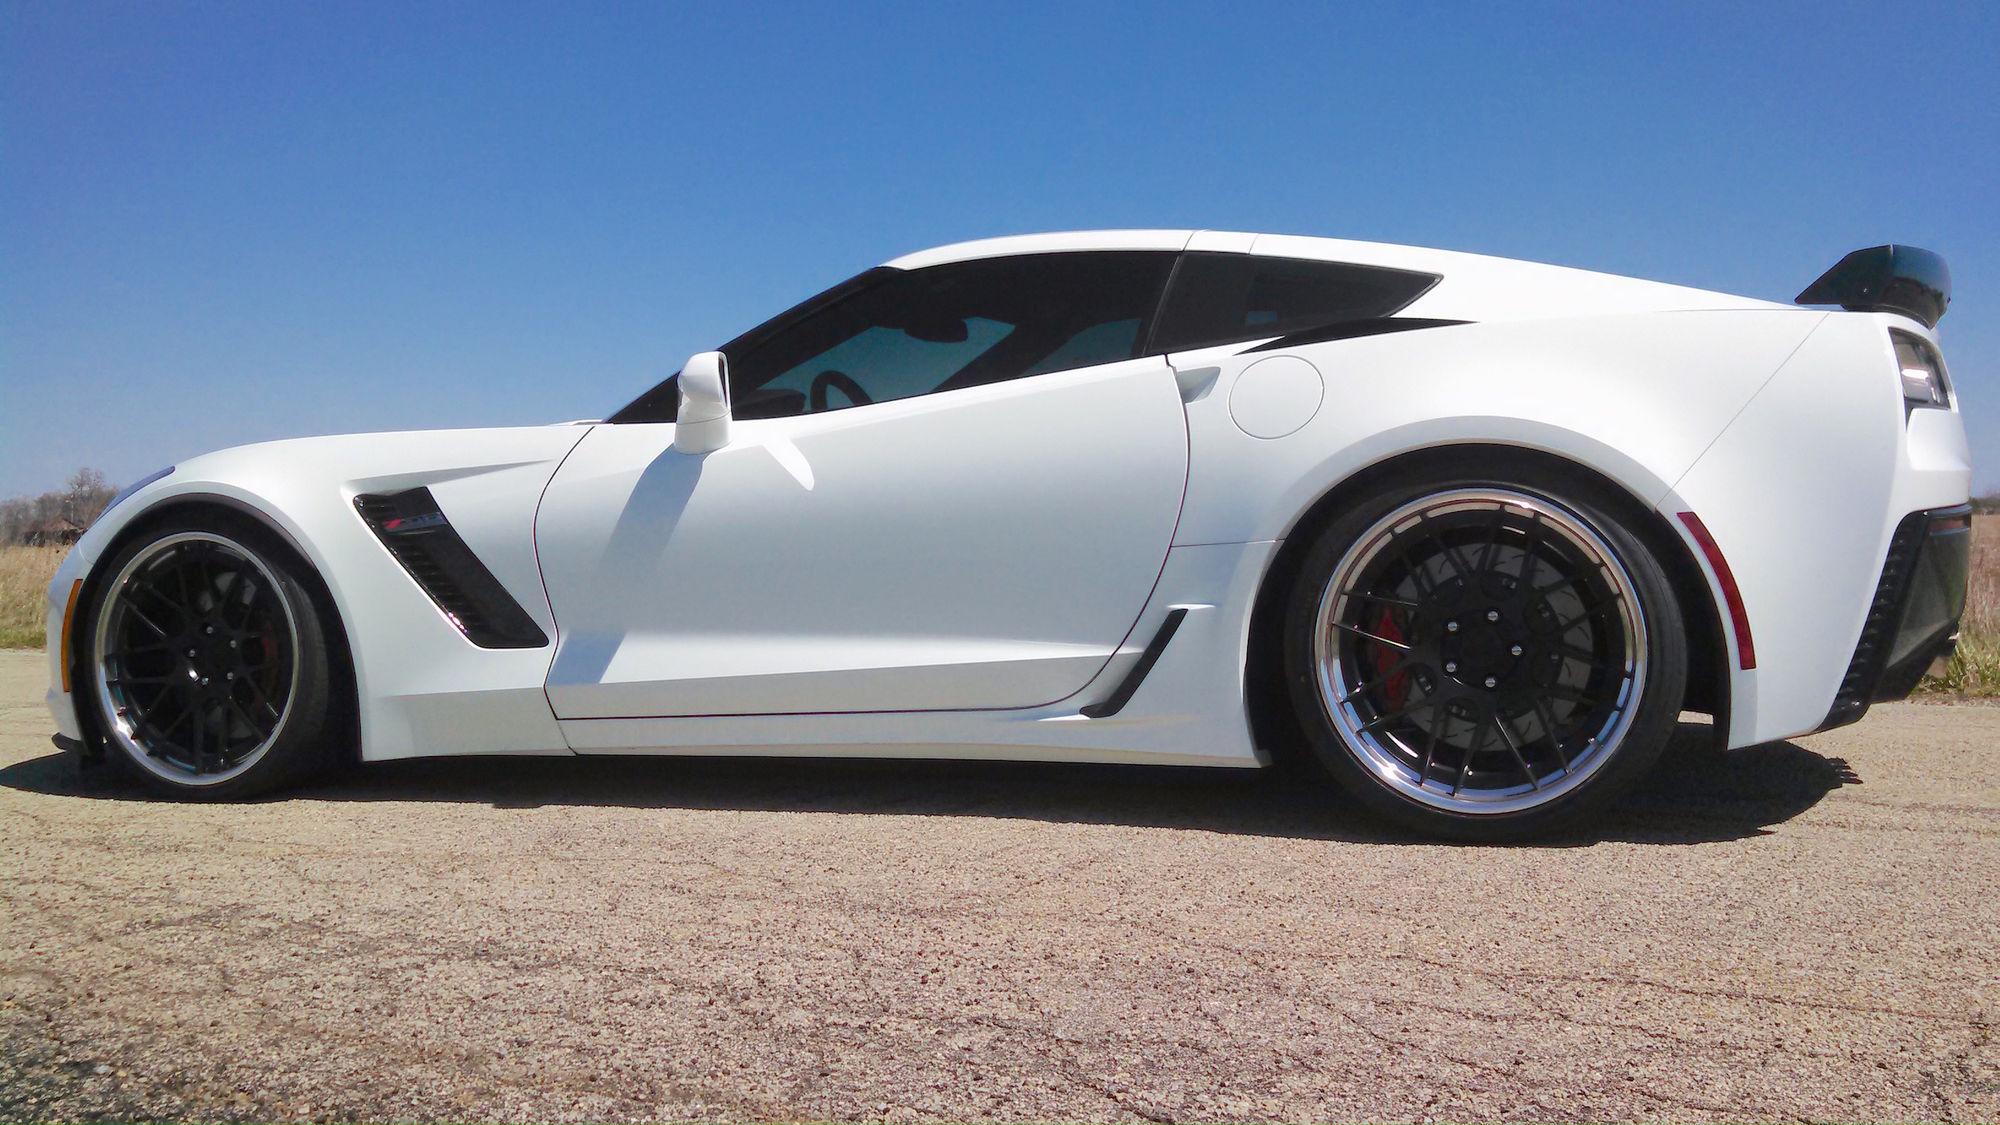 2016 Chevrolet Corvette Z06 | Randy Trott's C7 Corvette Z06 on Forgeline DE3C-SL Concave Stepped Lip Wheels